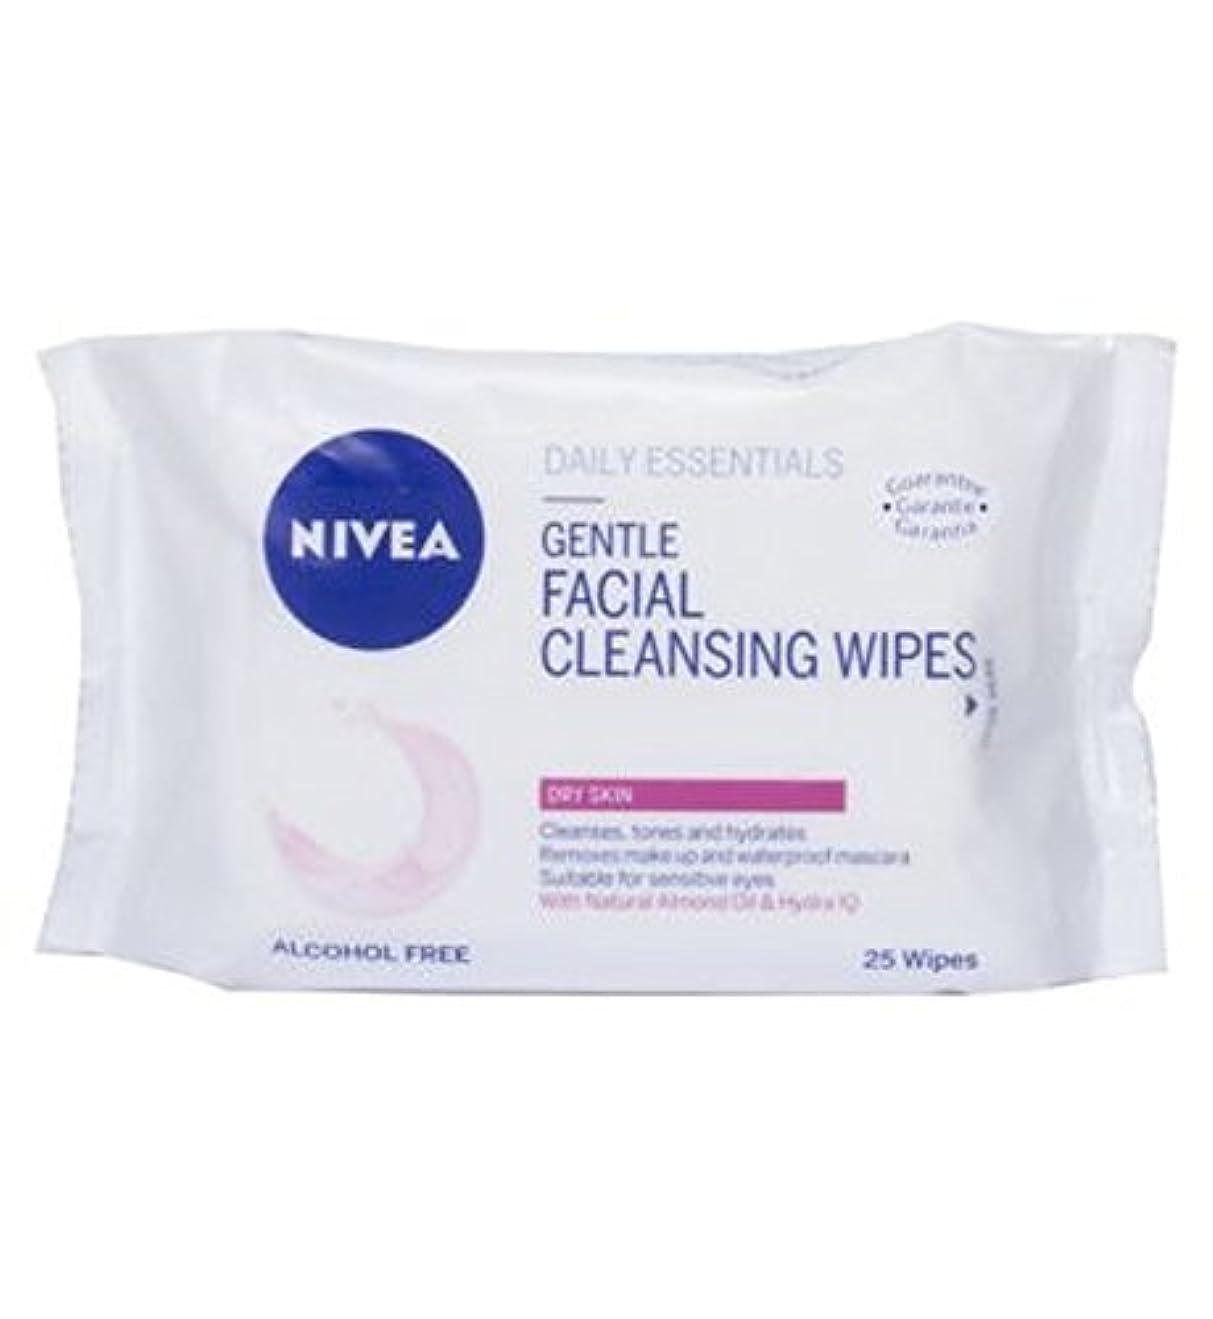 受粉者妖精サラミニベア生活必需品優しい洗顔は乾燥肌の25S用のワイプ (Nivea) (x2) - Nivea Daily Essentials Gentle Facial Cleansing Wipes For Dry Skin 25s...